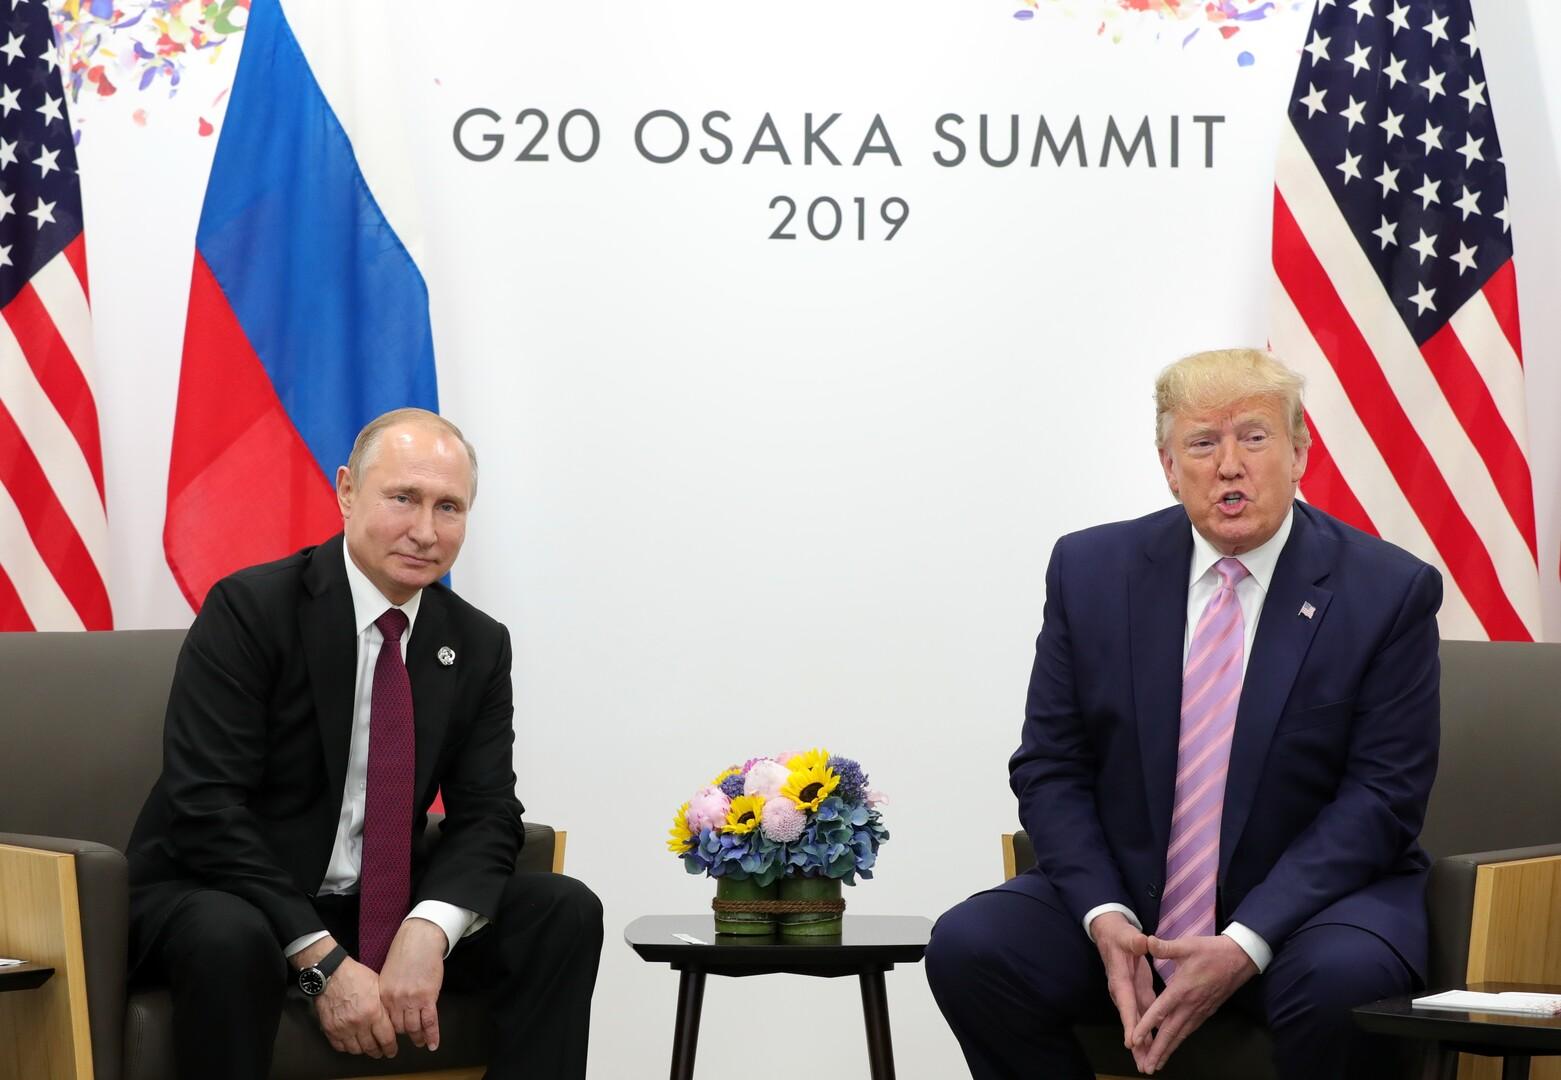 صورة من الأرشيف - الرئيسان الروسي والأمريكي في قمة العشرين باليابان